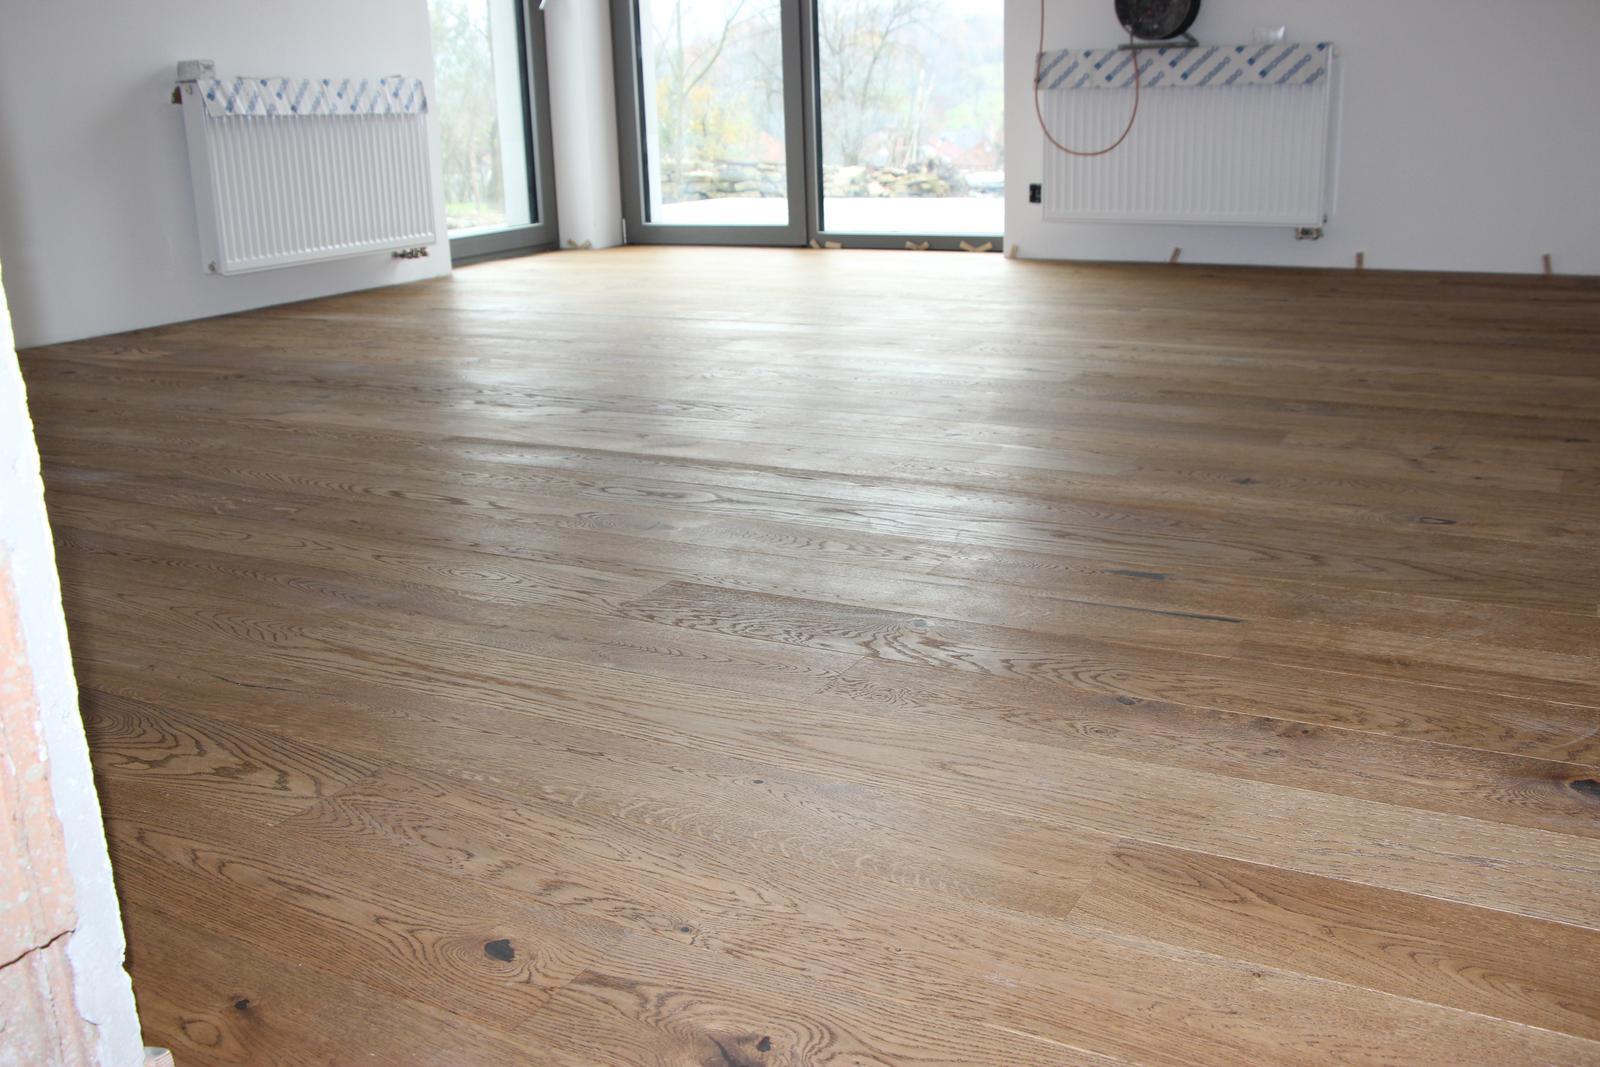 Začínáme..pokračujeme..finišujeme ;-) - podlaha v herně...tu barvu prostě miluju!!! ♥ Stejná bude i v kuchyni a obýváku..